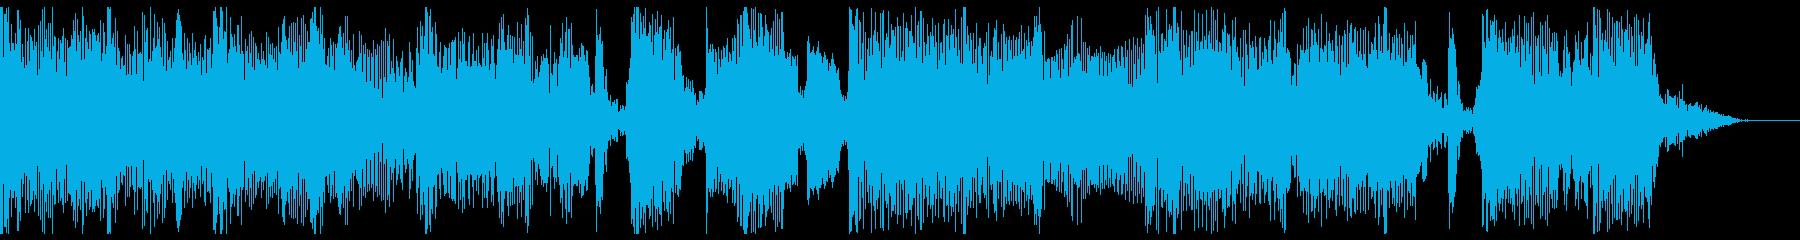 セミアコギターを用いたジャジーなジングルの再生済みの波形